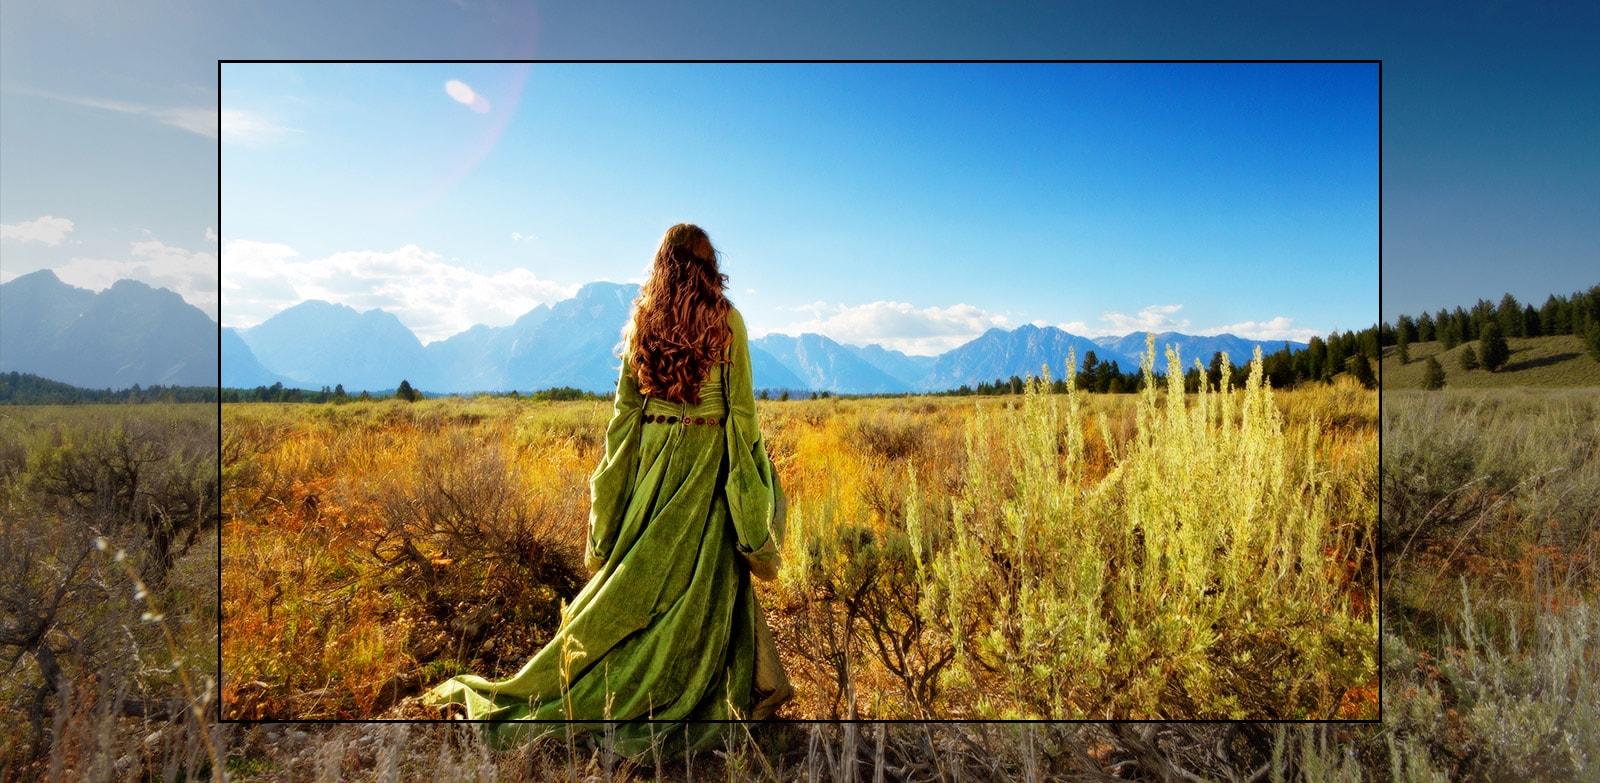 Una pantalla de televisión que muestra una escena de una película de fantasía con una mujer de pie en los campos mirando hacia a las montañas.